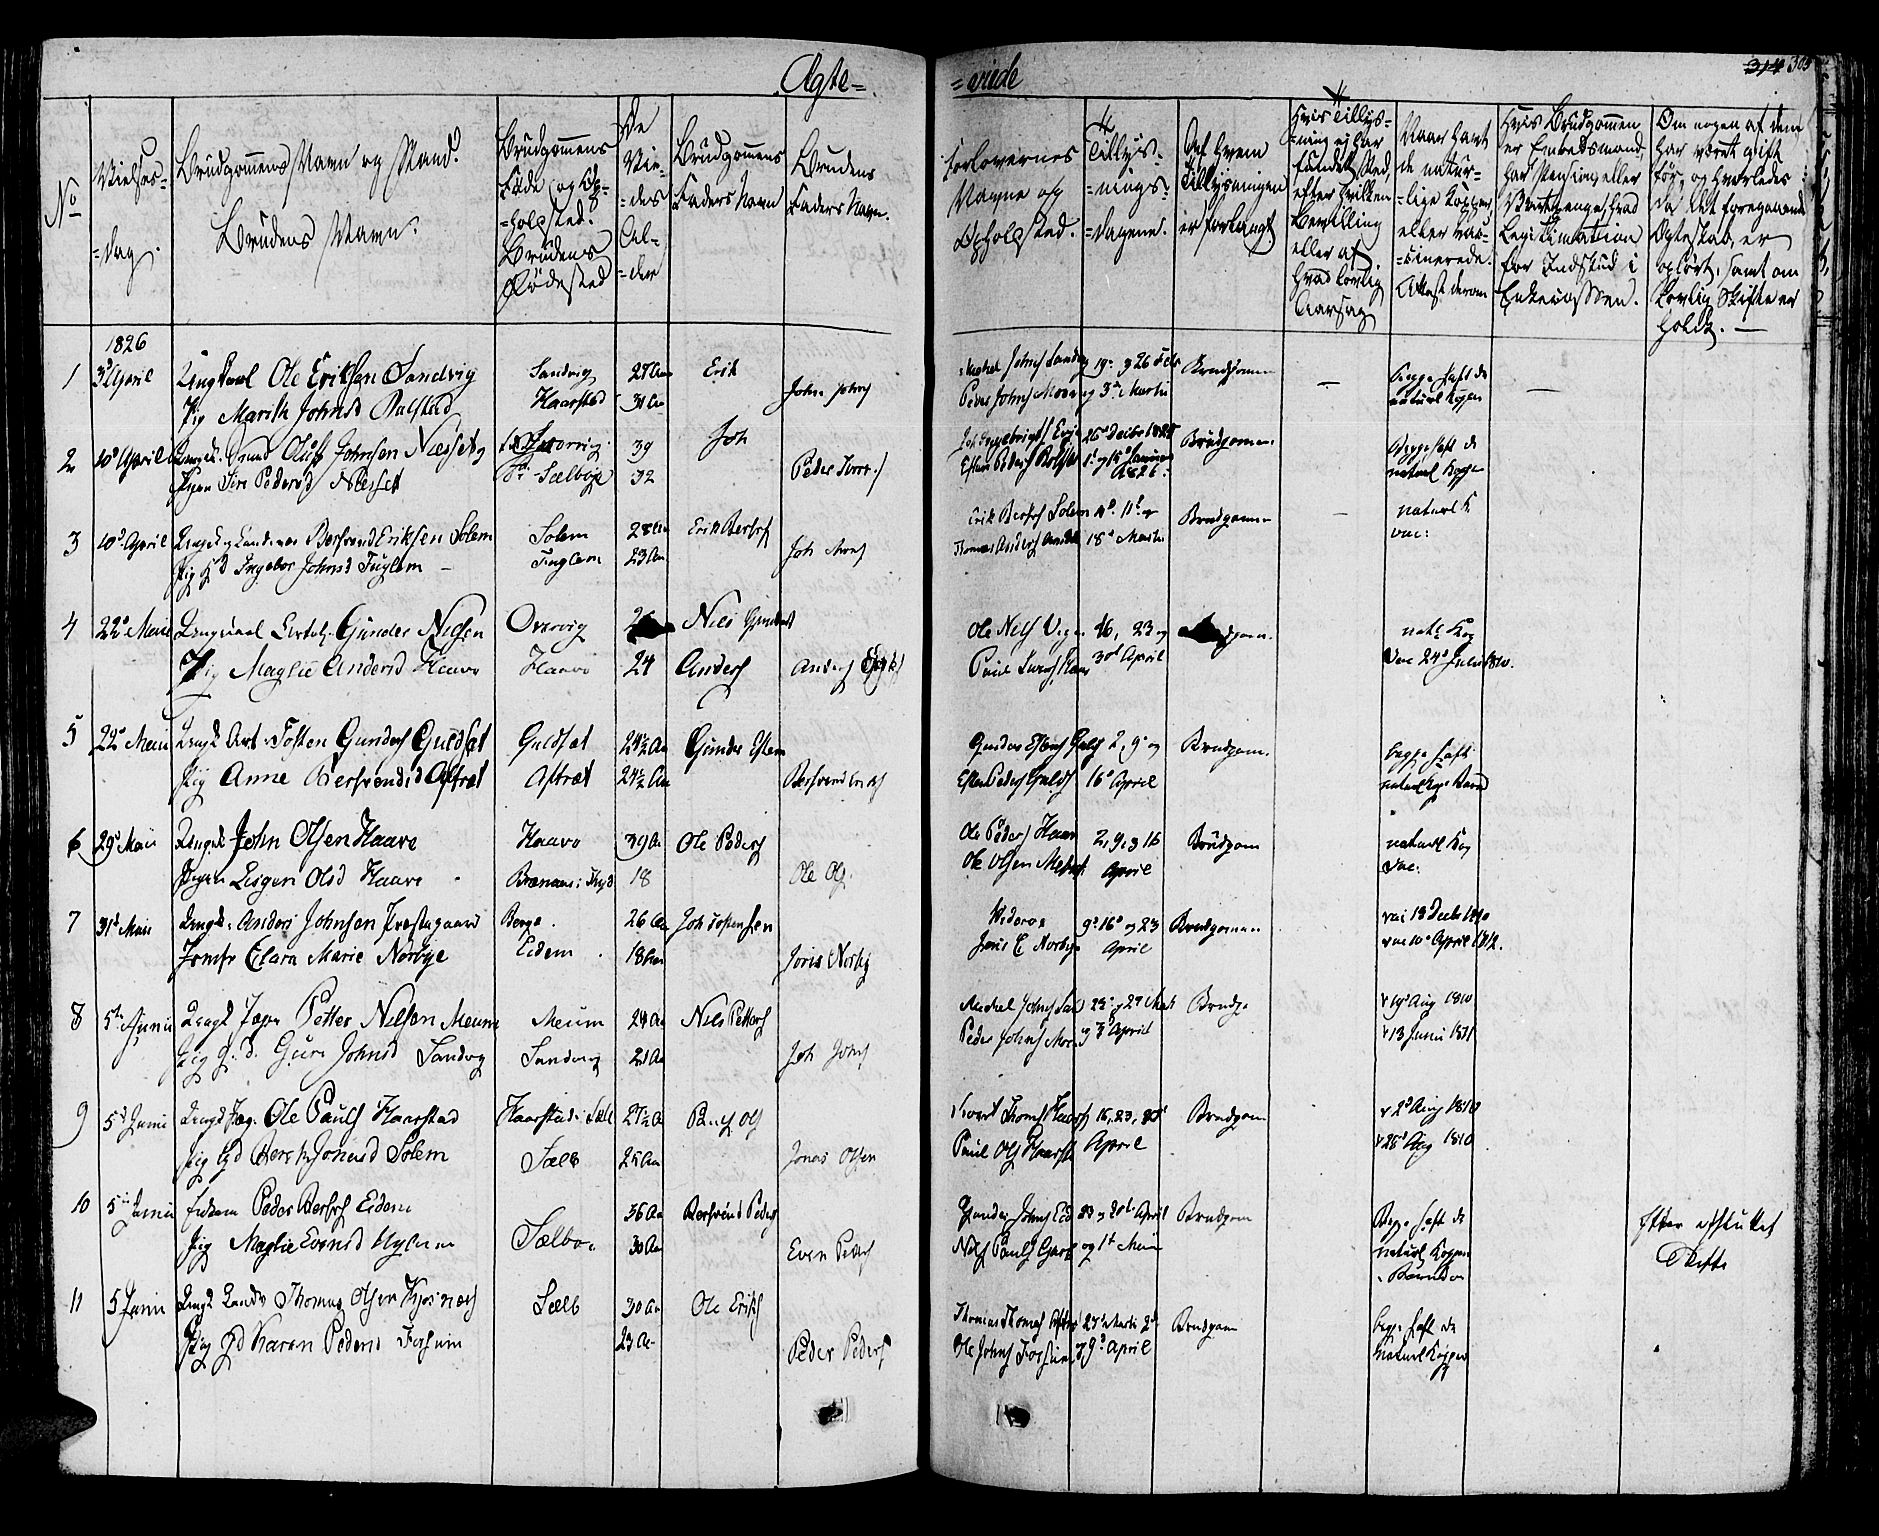 SAT, Ministerialprotokoller, klokkerbøker og fødselsregistre - Sør-Trøndelag, 695/L1143: Ministerialbok nr. 695A05 /1, 1824-1842, s. 305